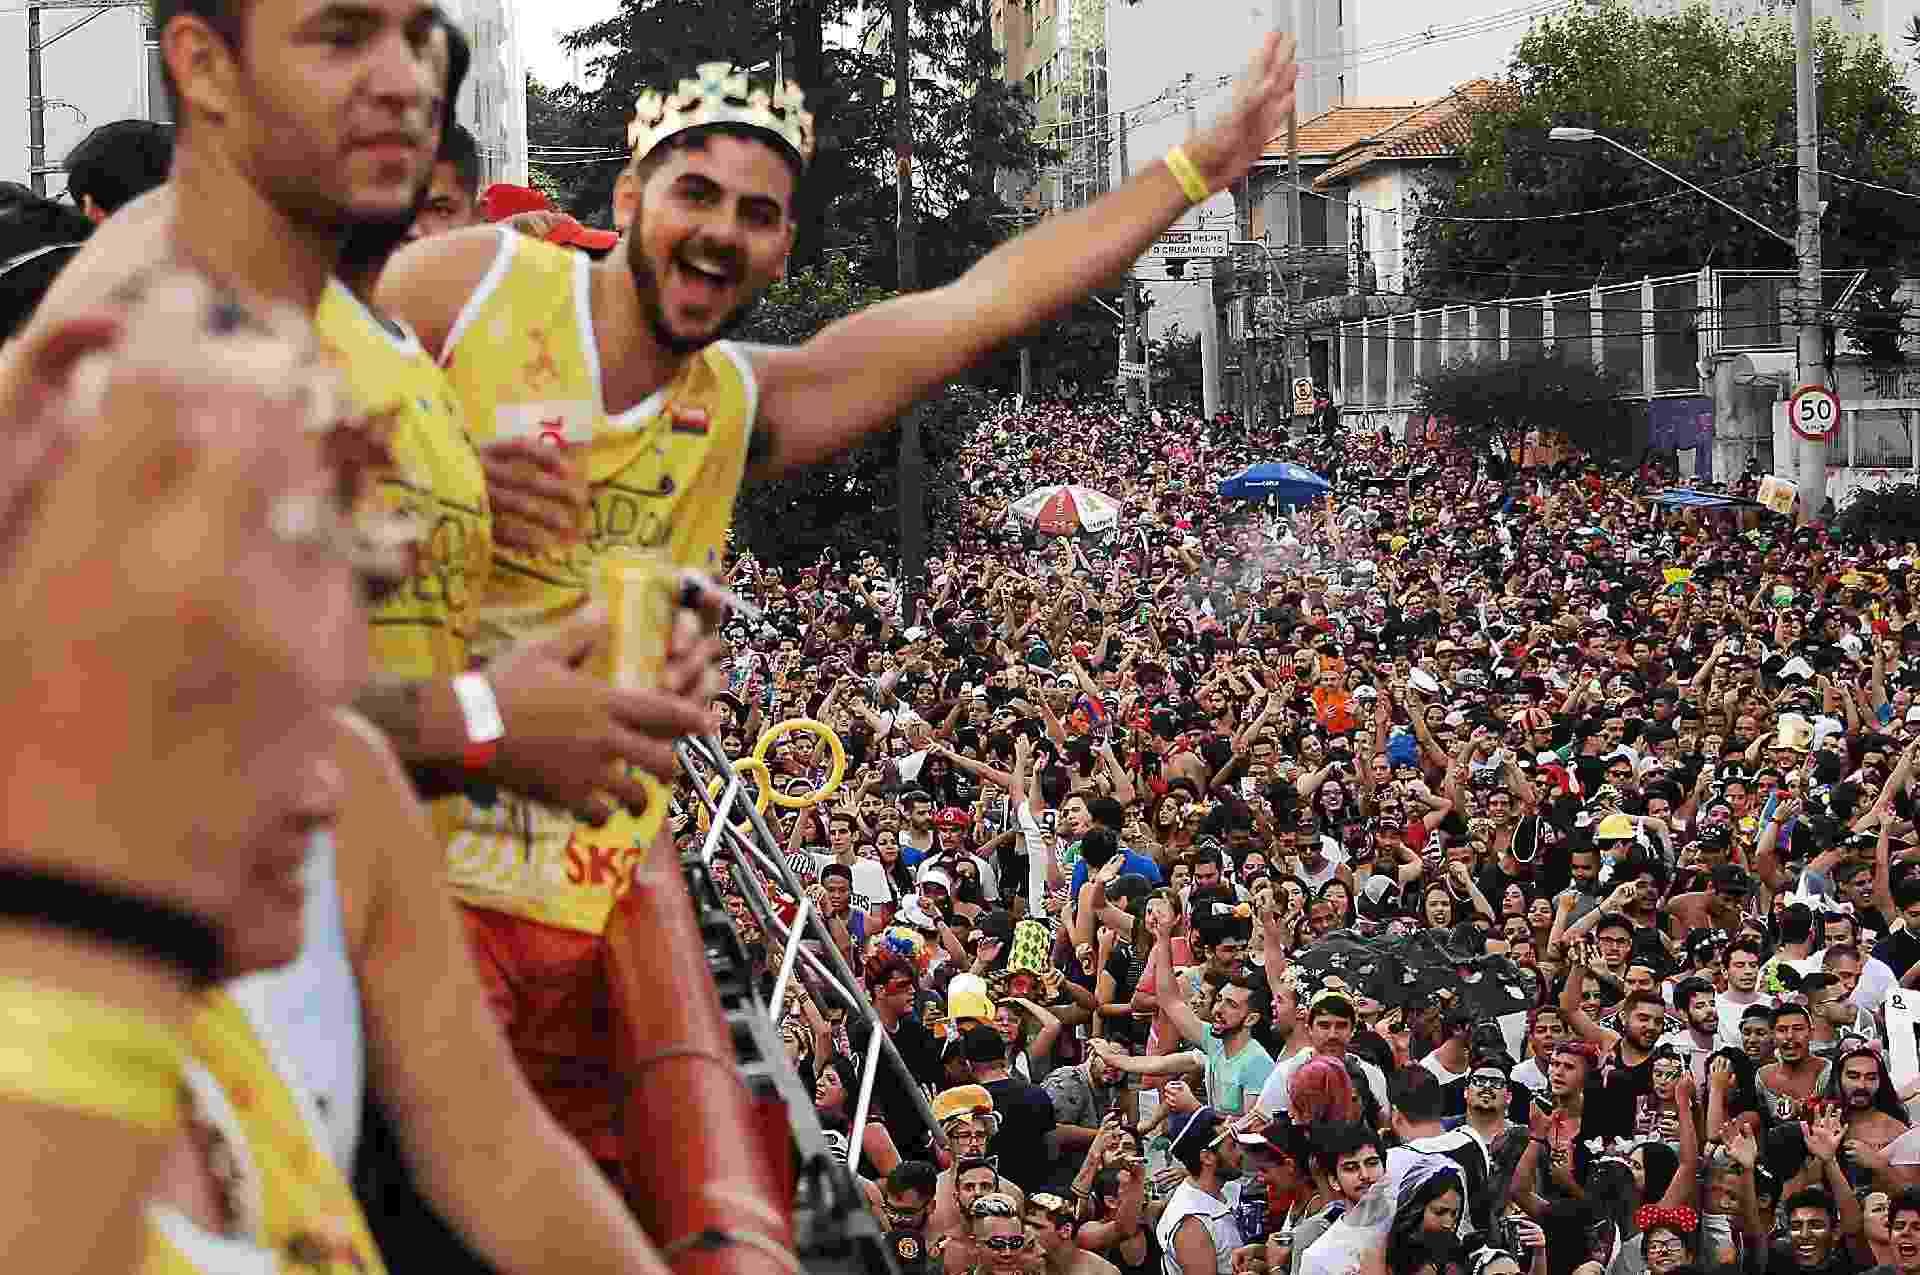 Bloco Agrada Gregos reúne multidão na região central de São Paulo na tarde deste sábado (25) - Reinaldo Canato/UOL